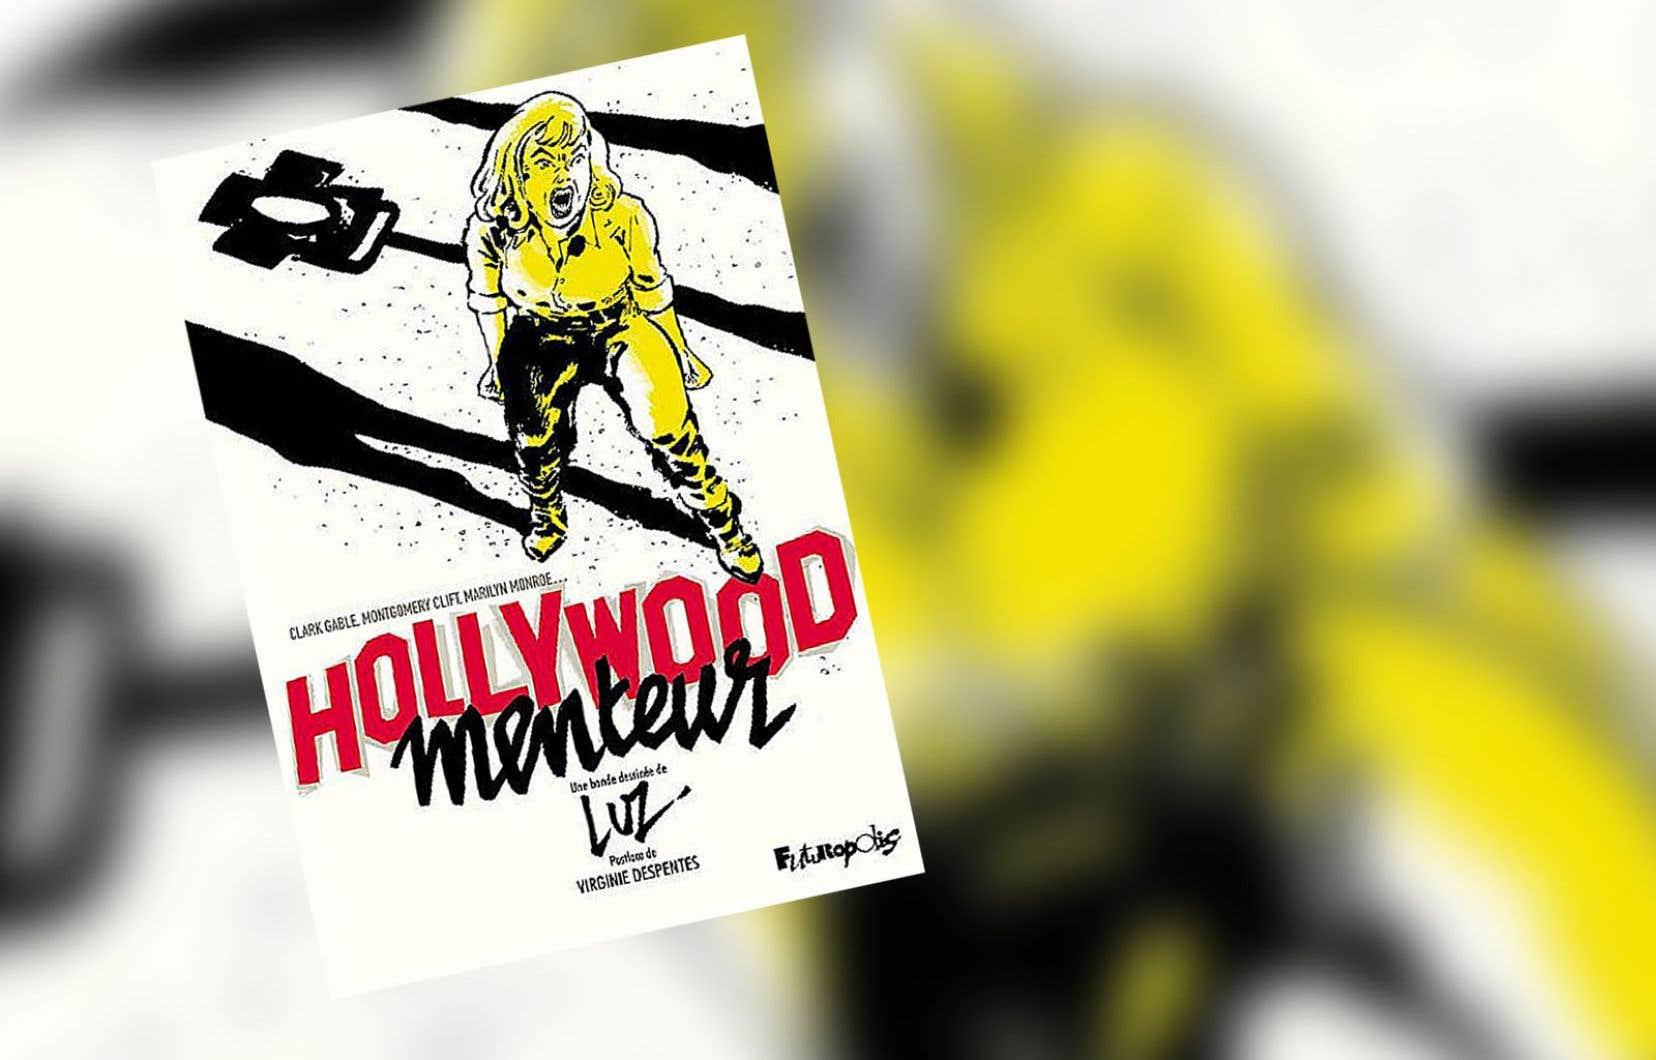 «Hollywood menteur» restitue l'ultime élément dont le spectacle aura dépossédé l'icône hollywoodienne Marilyn Monroe: sa colère.